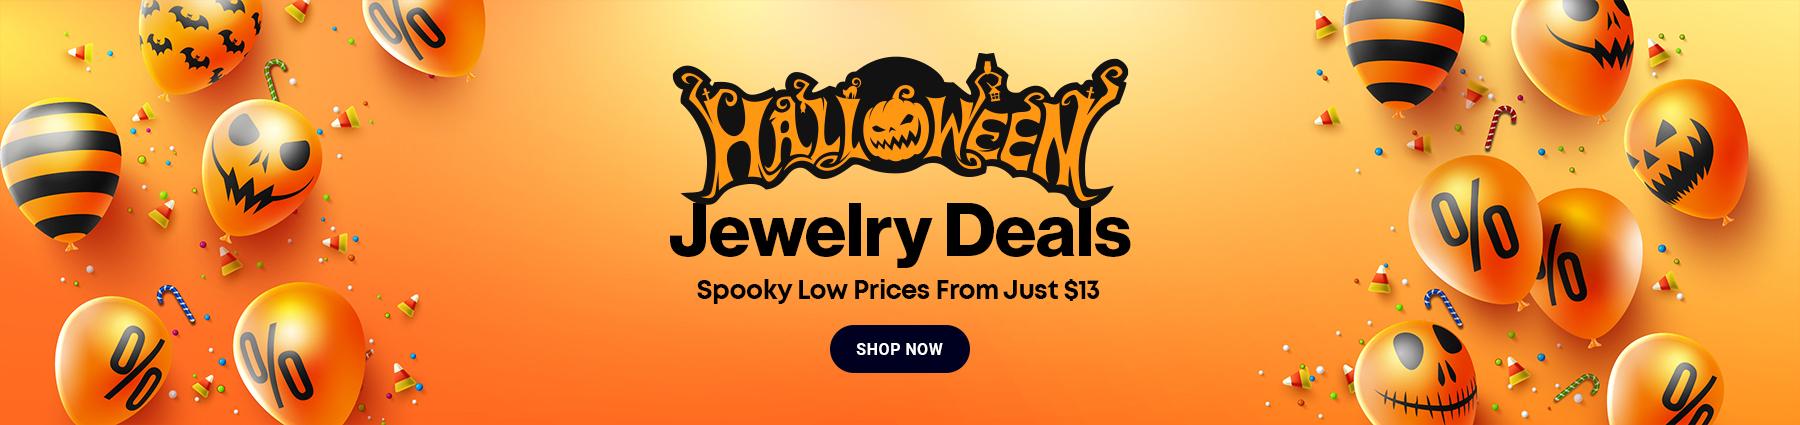 Halloween Jewelry Deals